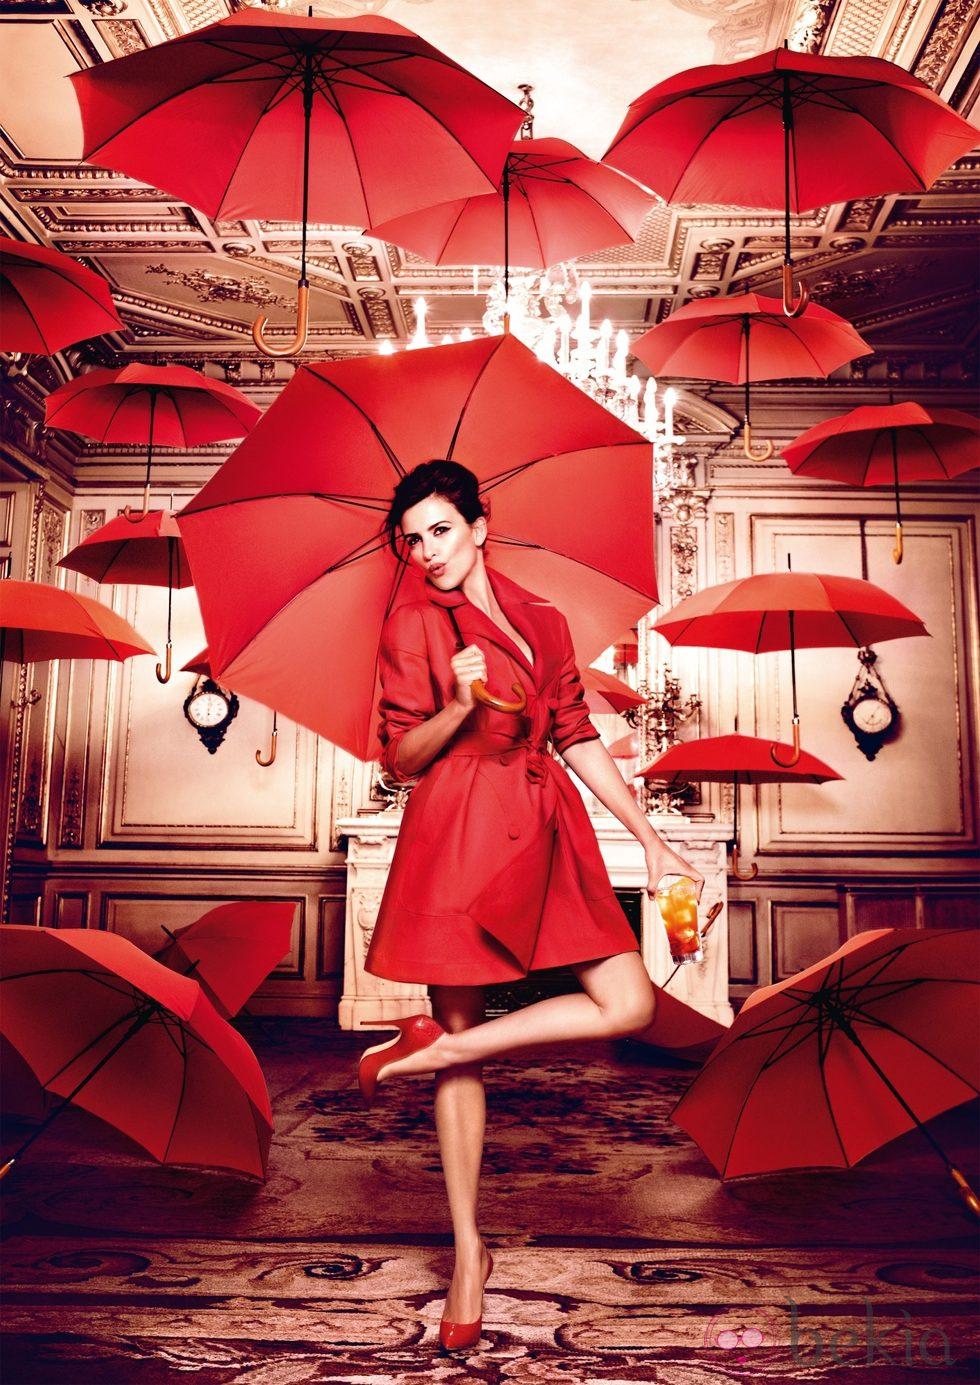 Penélope Cruz en el mes de marzo del Calendario Campari 2013